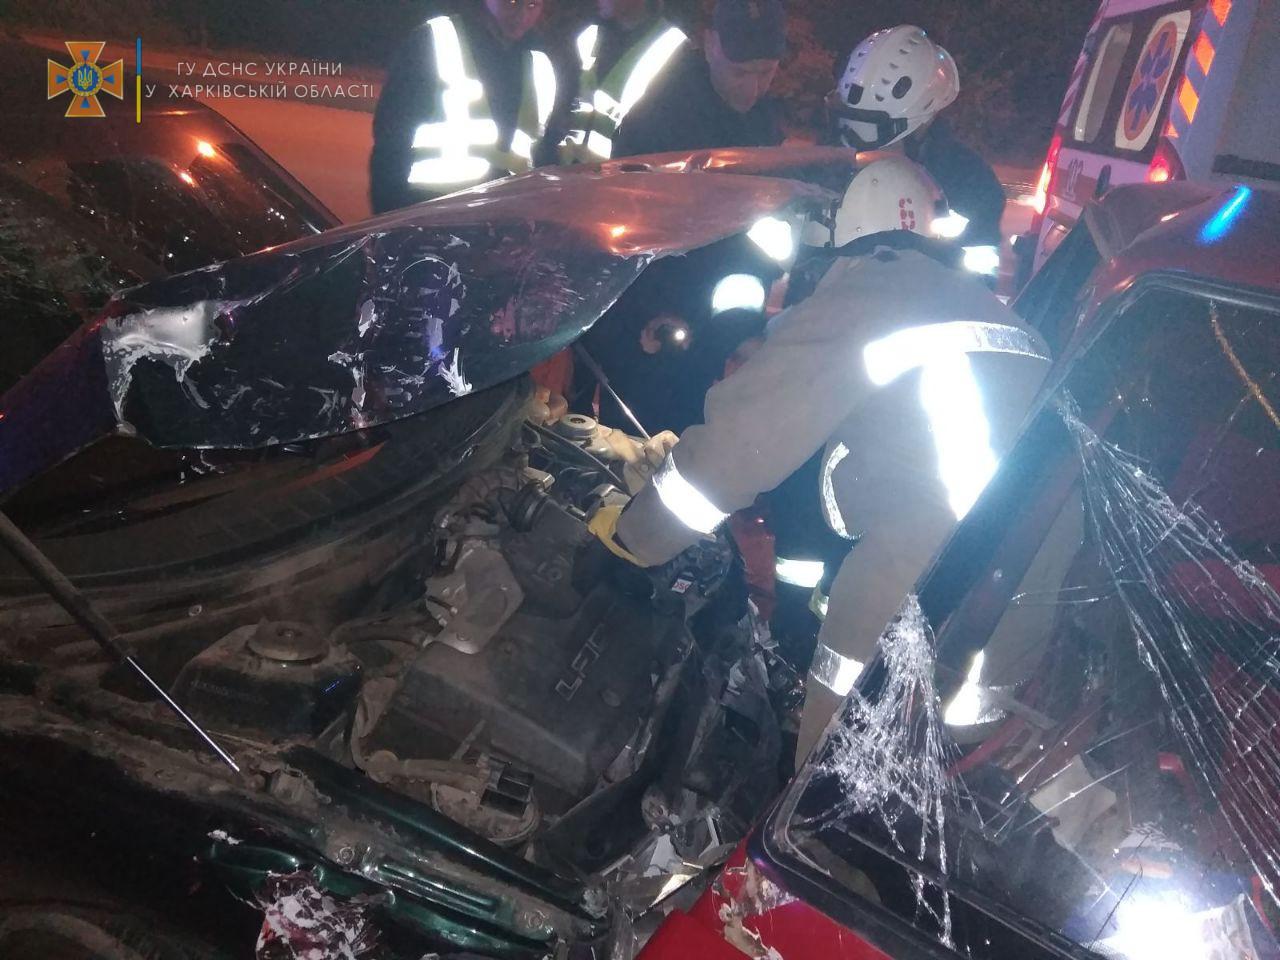 Спасатели помогли выбраться пострадавшим в ДТП